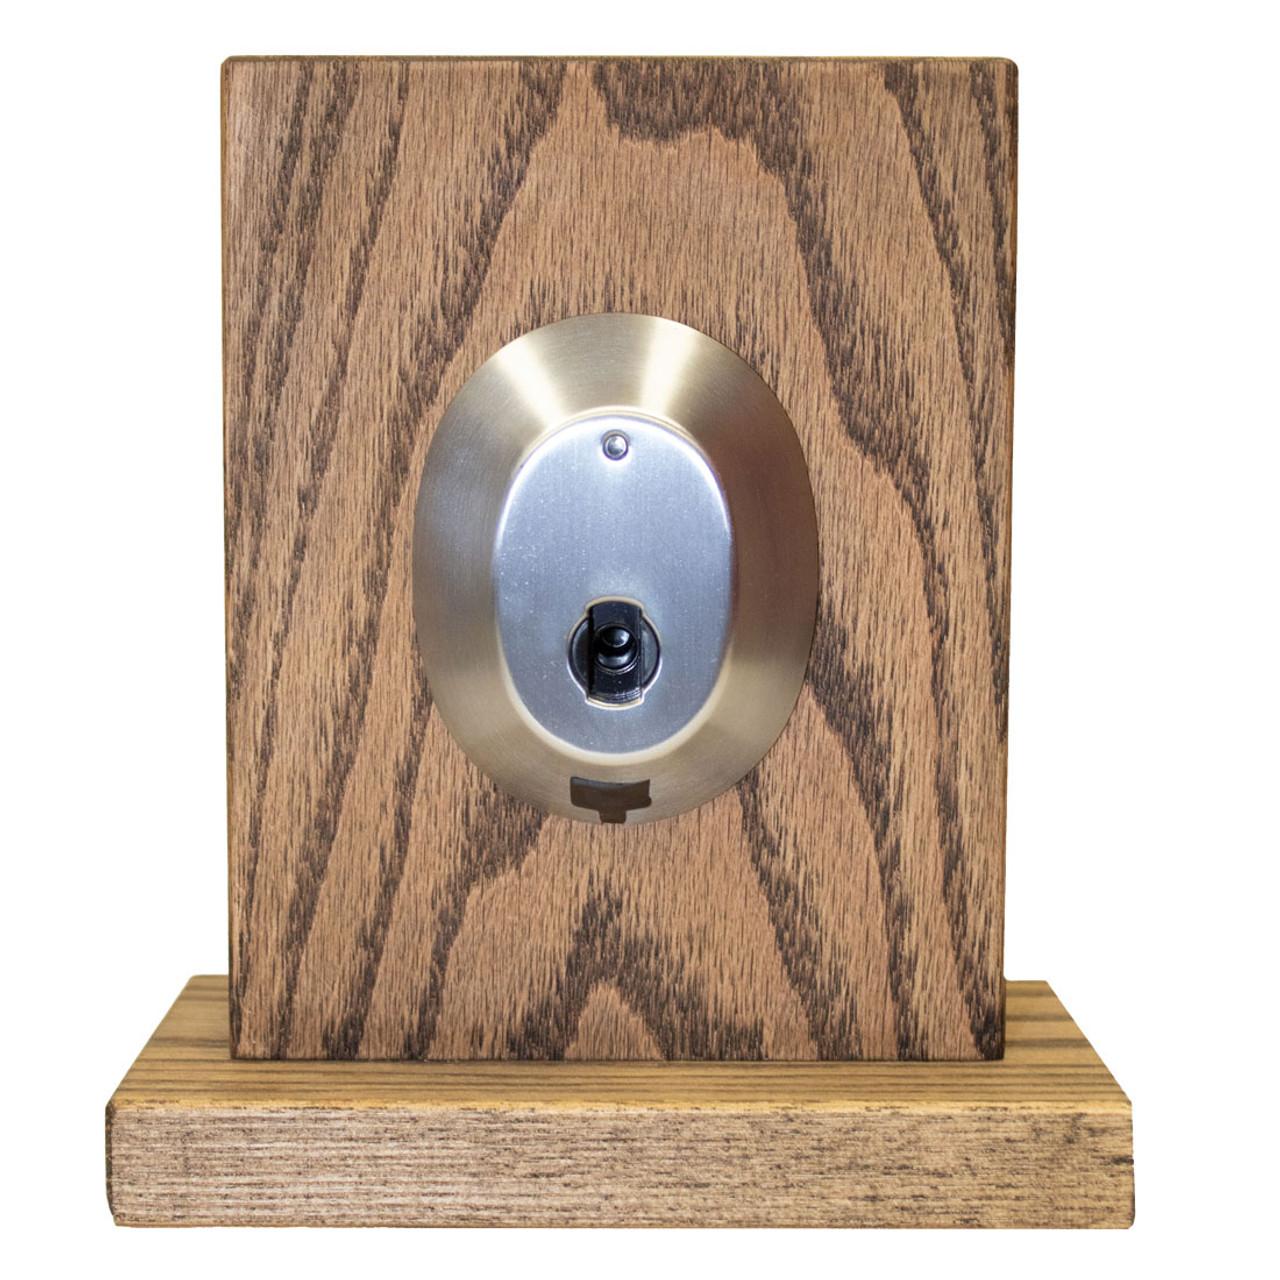 INSYNC D - RFID - DEADBOLT RD DOOR LOCK